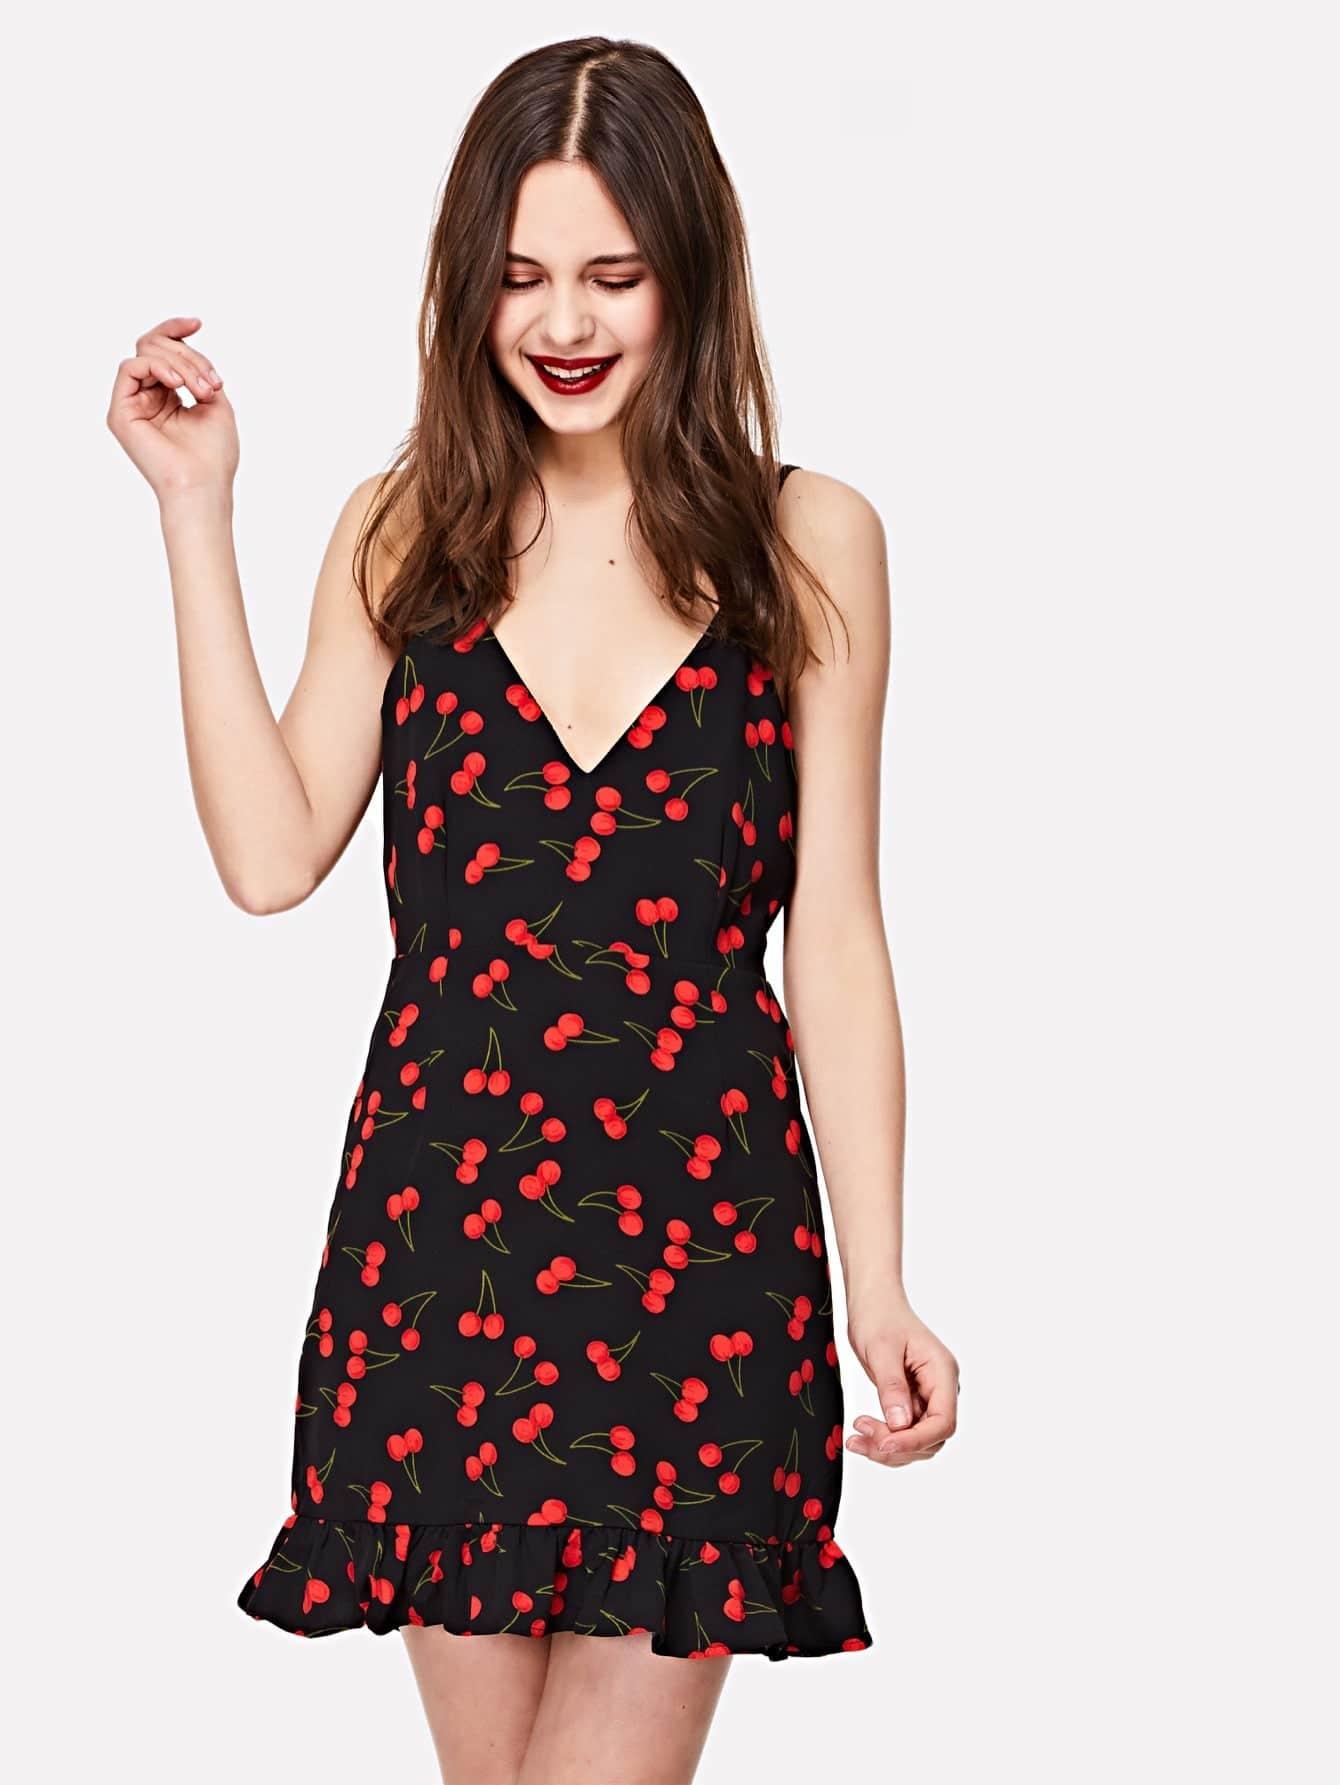 Купить Платье с оборками вишни и открытой спиной, Soni, SheIn